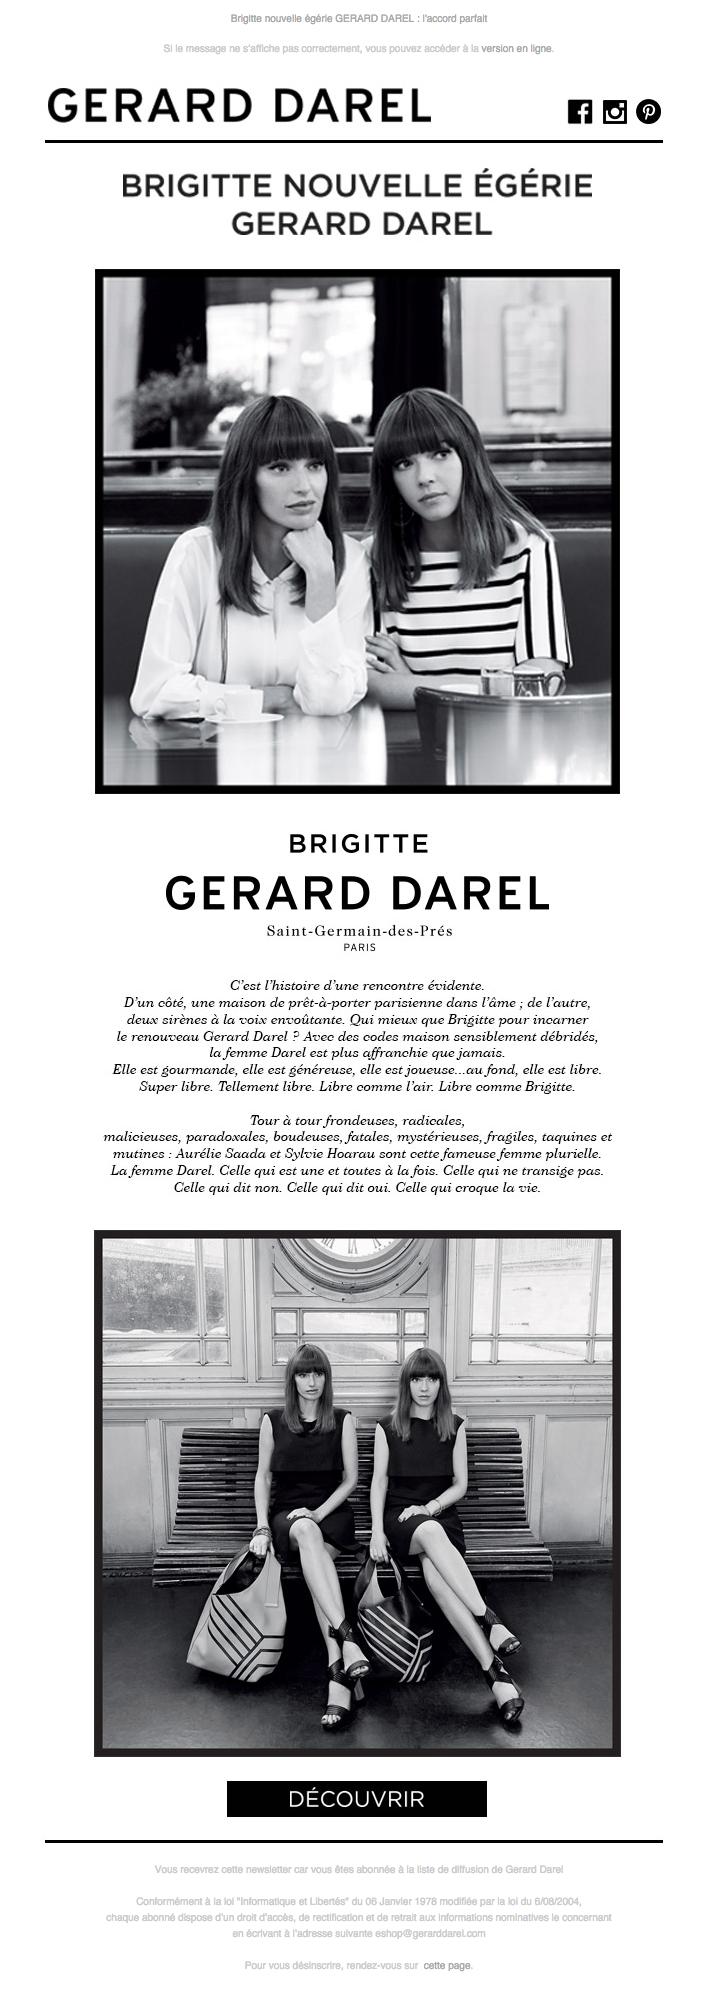 Gerard Darel Newsletter l BRIGITTE, nouvelle égérie GERARD DAREL : l'accord parfait